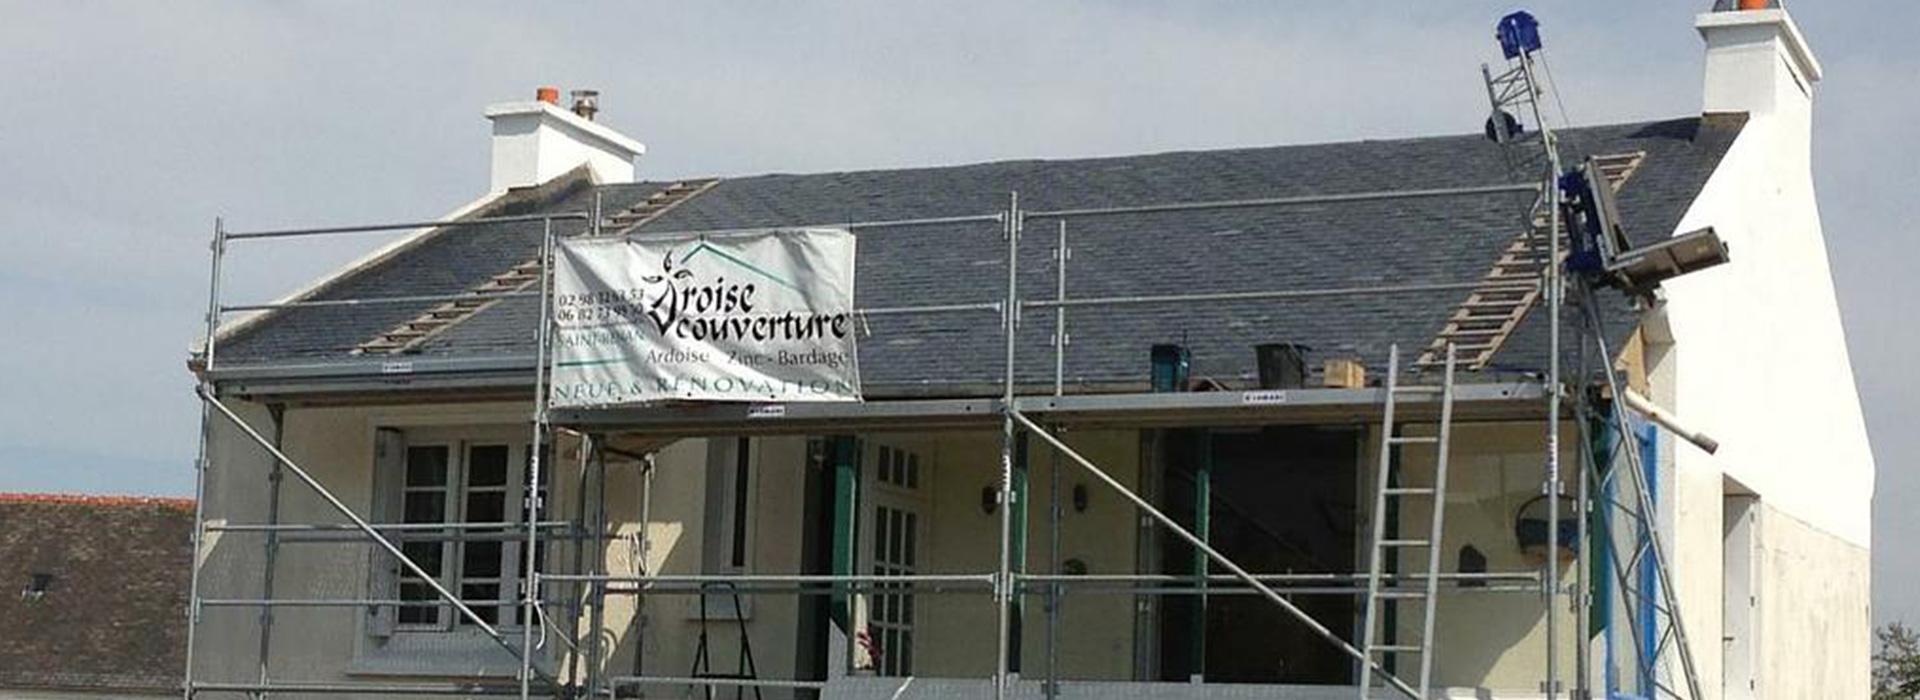 spécialiste de la toiture ardoise, Iroise Couverture